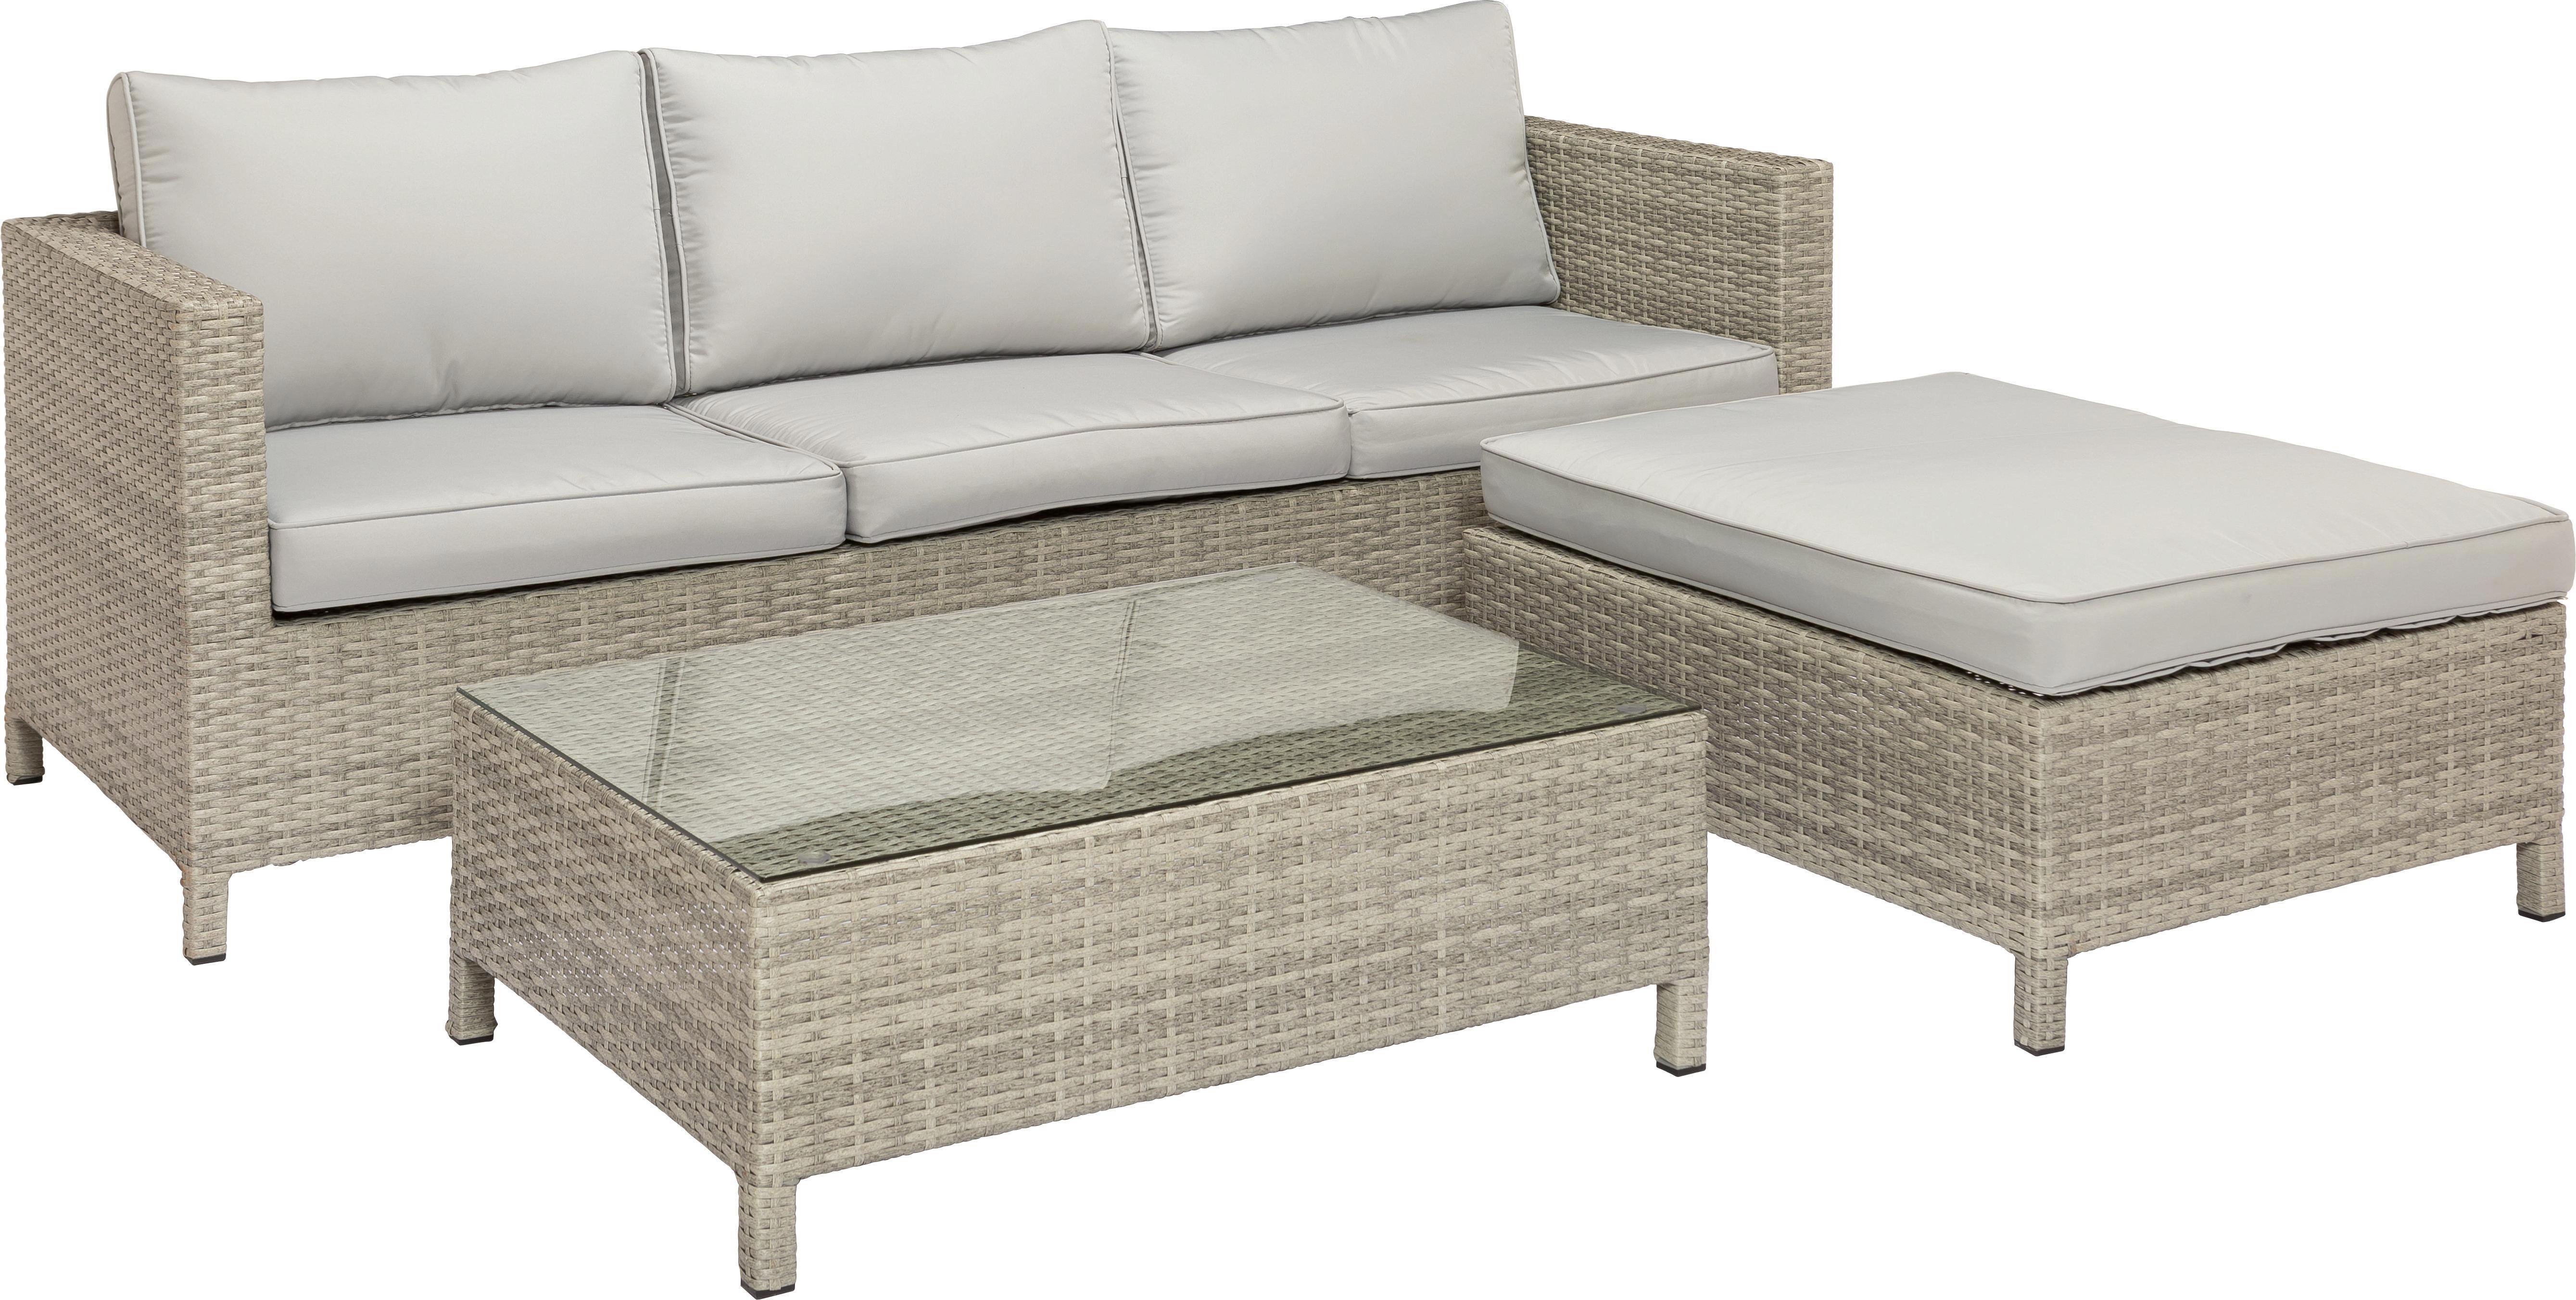 gartenmbel 150 kg belastbar affordable malibu with gartenmbel 150 kg belastbar trendy sport u. Black Bedroom Furniture Sets. Home Design Ideas